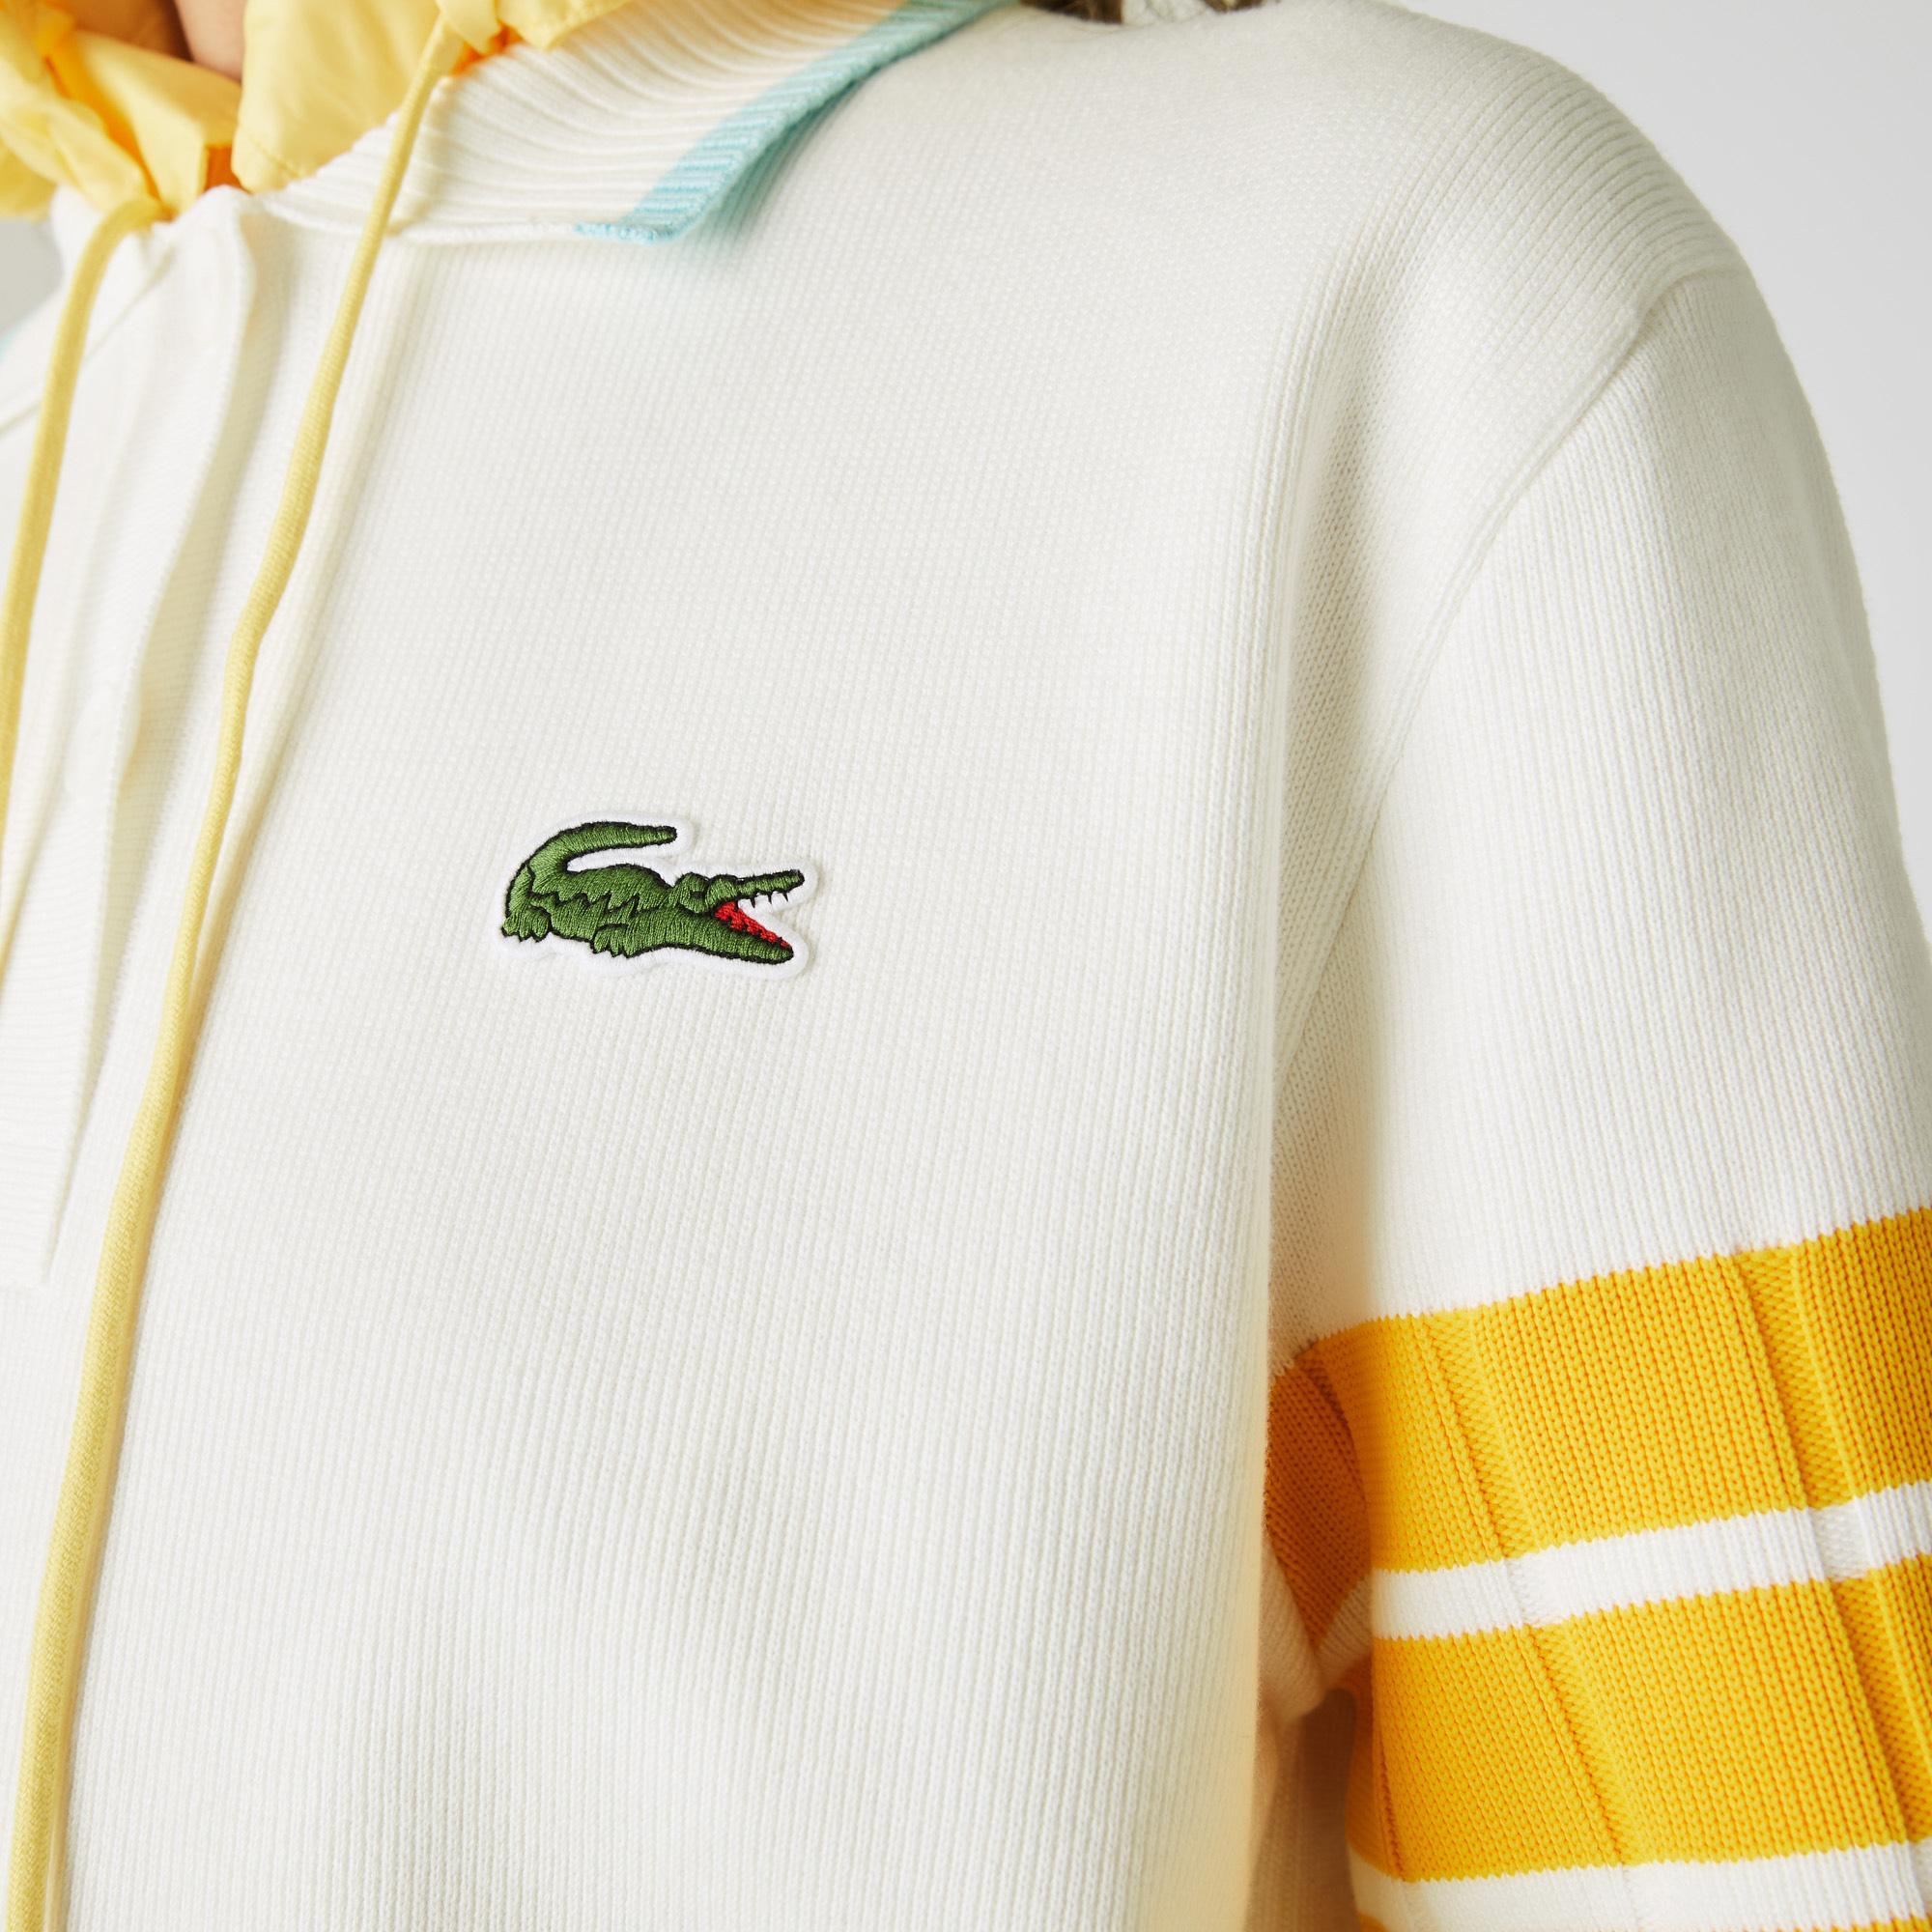 Lacoste Kadın Polo Yaka Çizgili Yarım Kollu Beyaz Triko